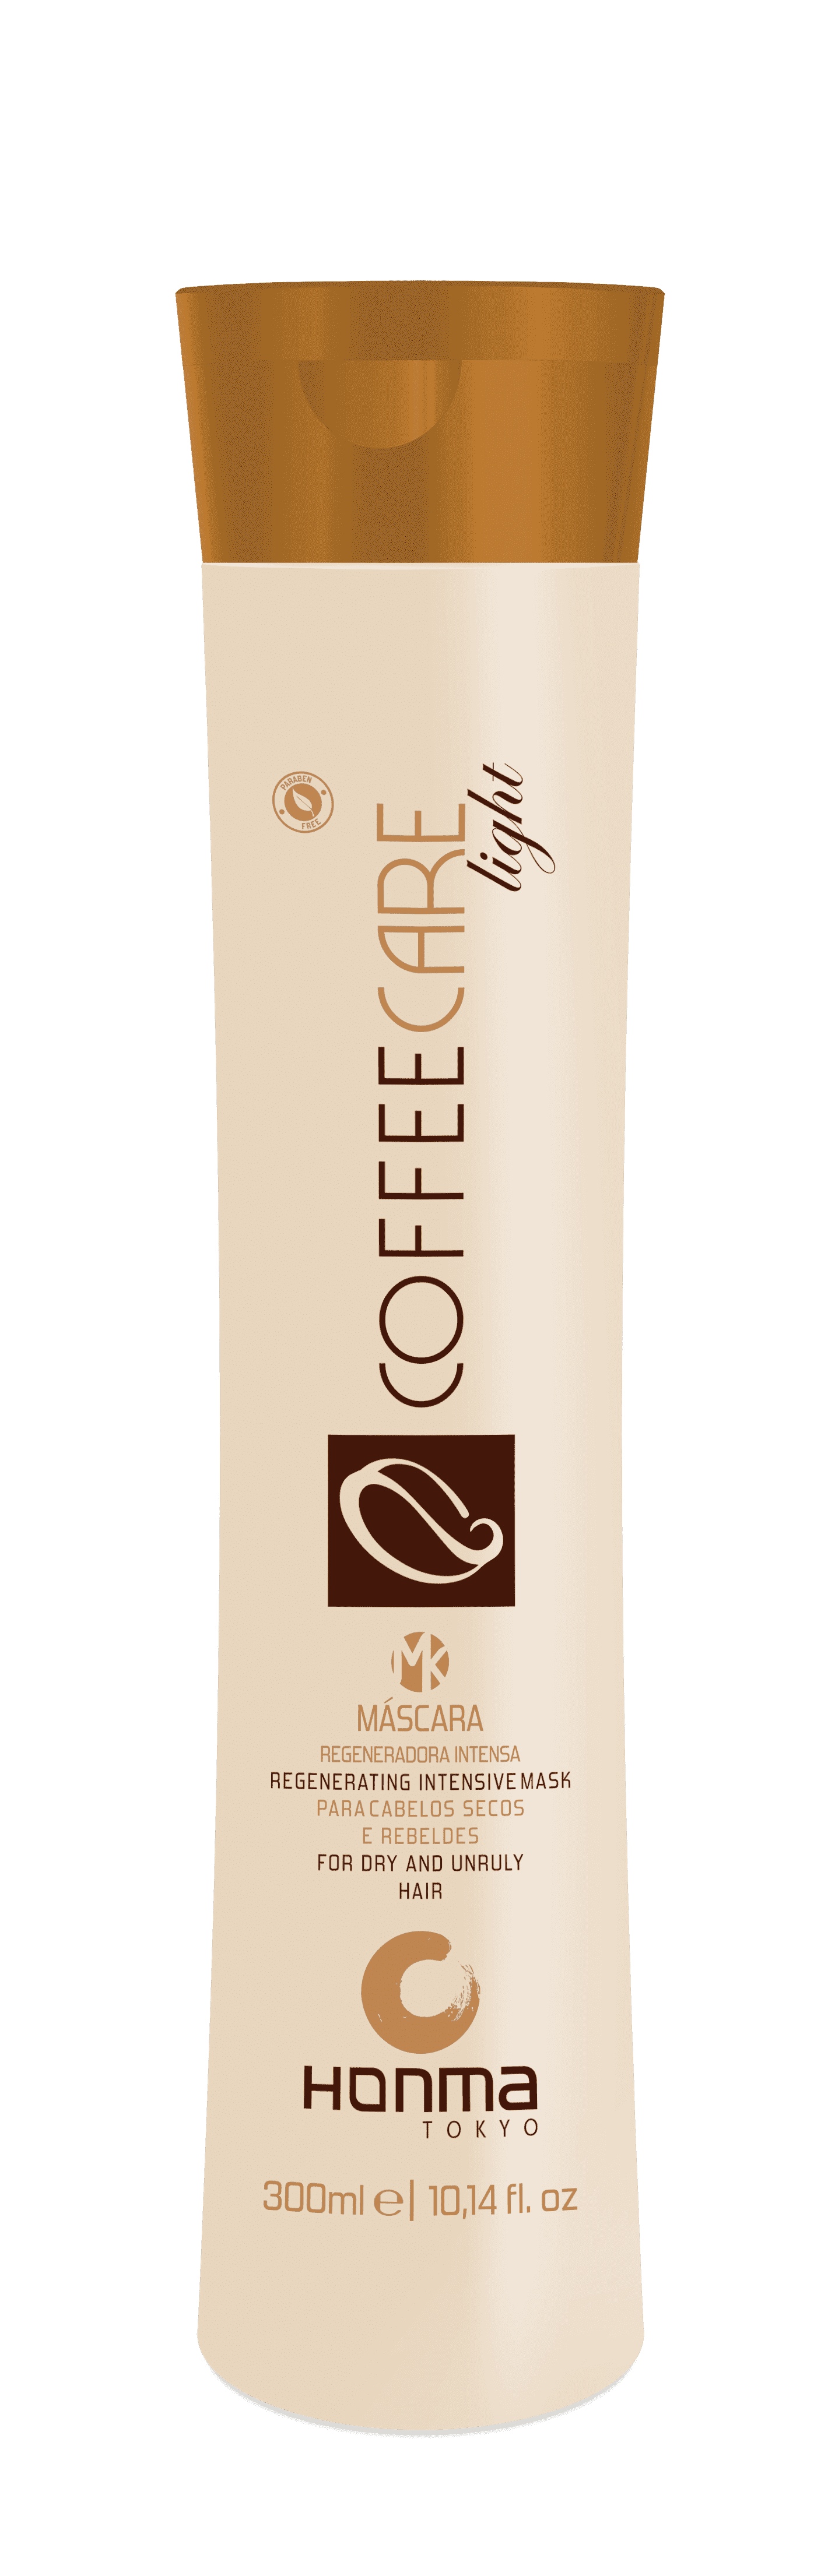 Honma Tokyo Coffee Care Light Восстанавливающая интенсивная маска питание и укрепление, 300 мл honma tokyo кератин шаг 2 линии coffee premium all liss шаг 2 линии coffee premium all liss 500 мл